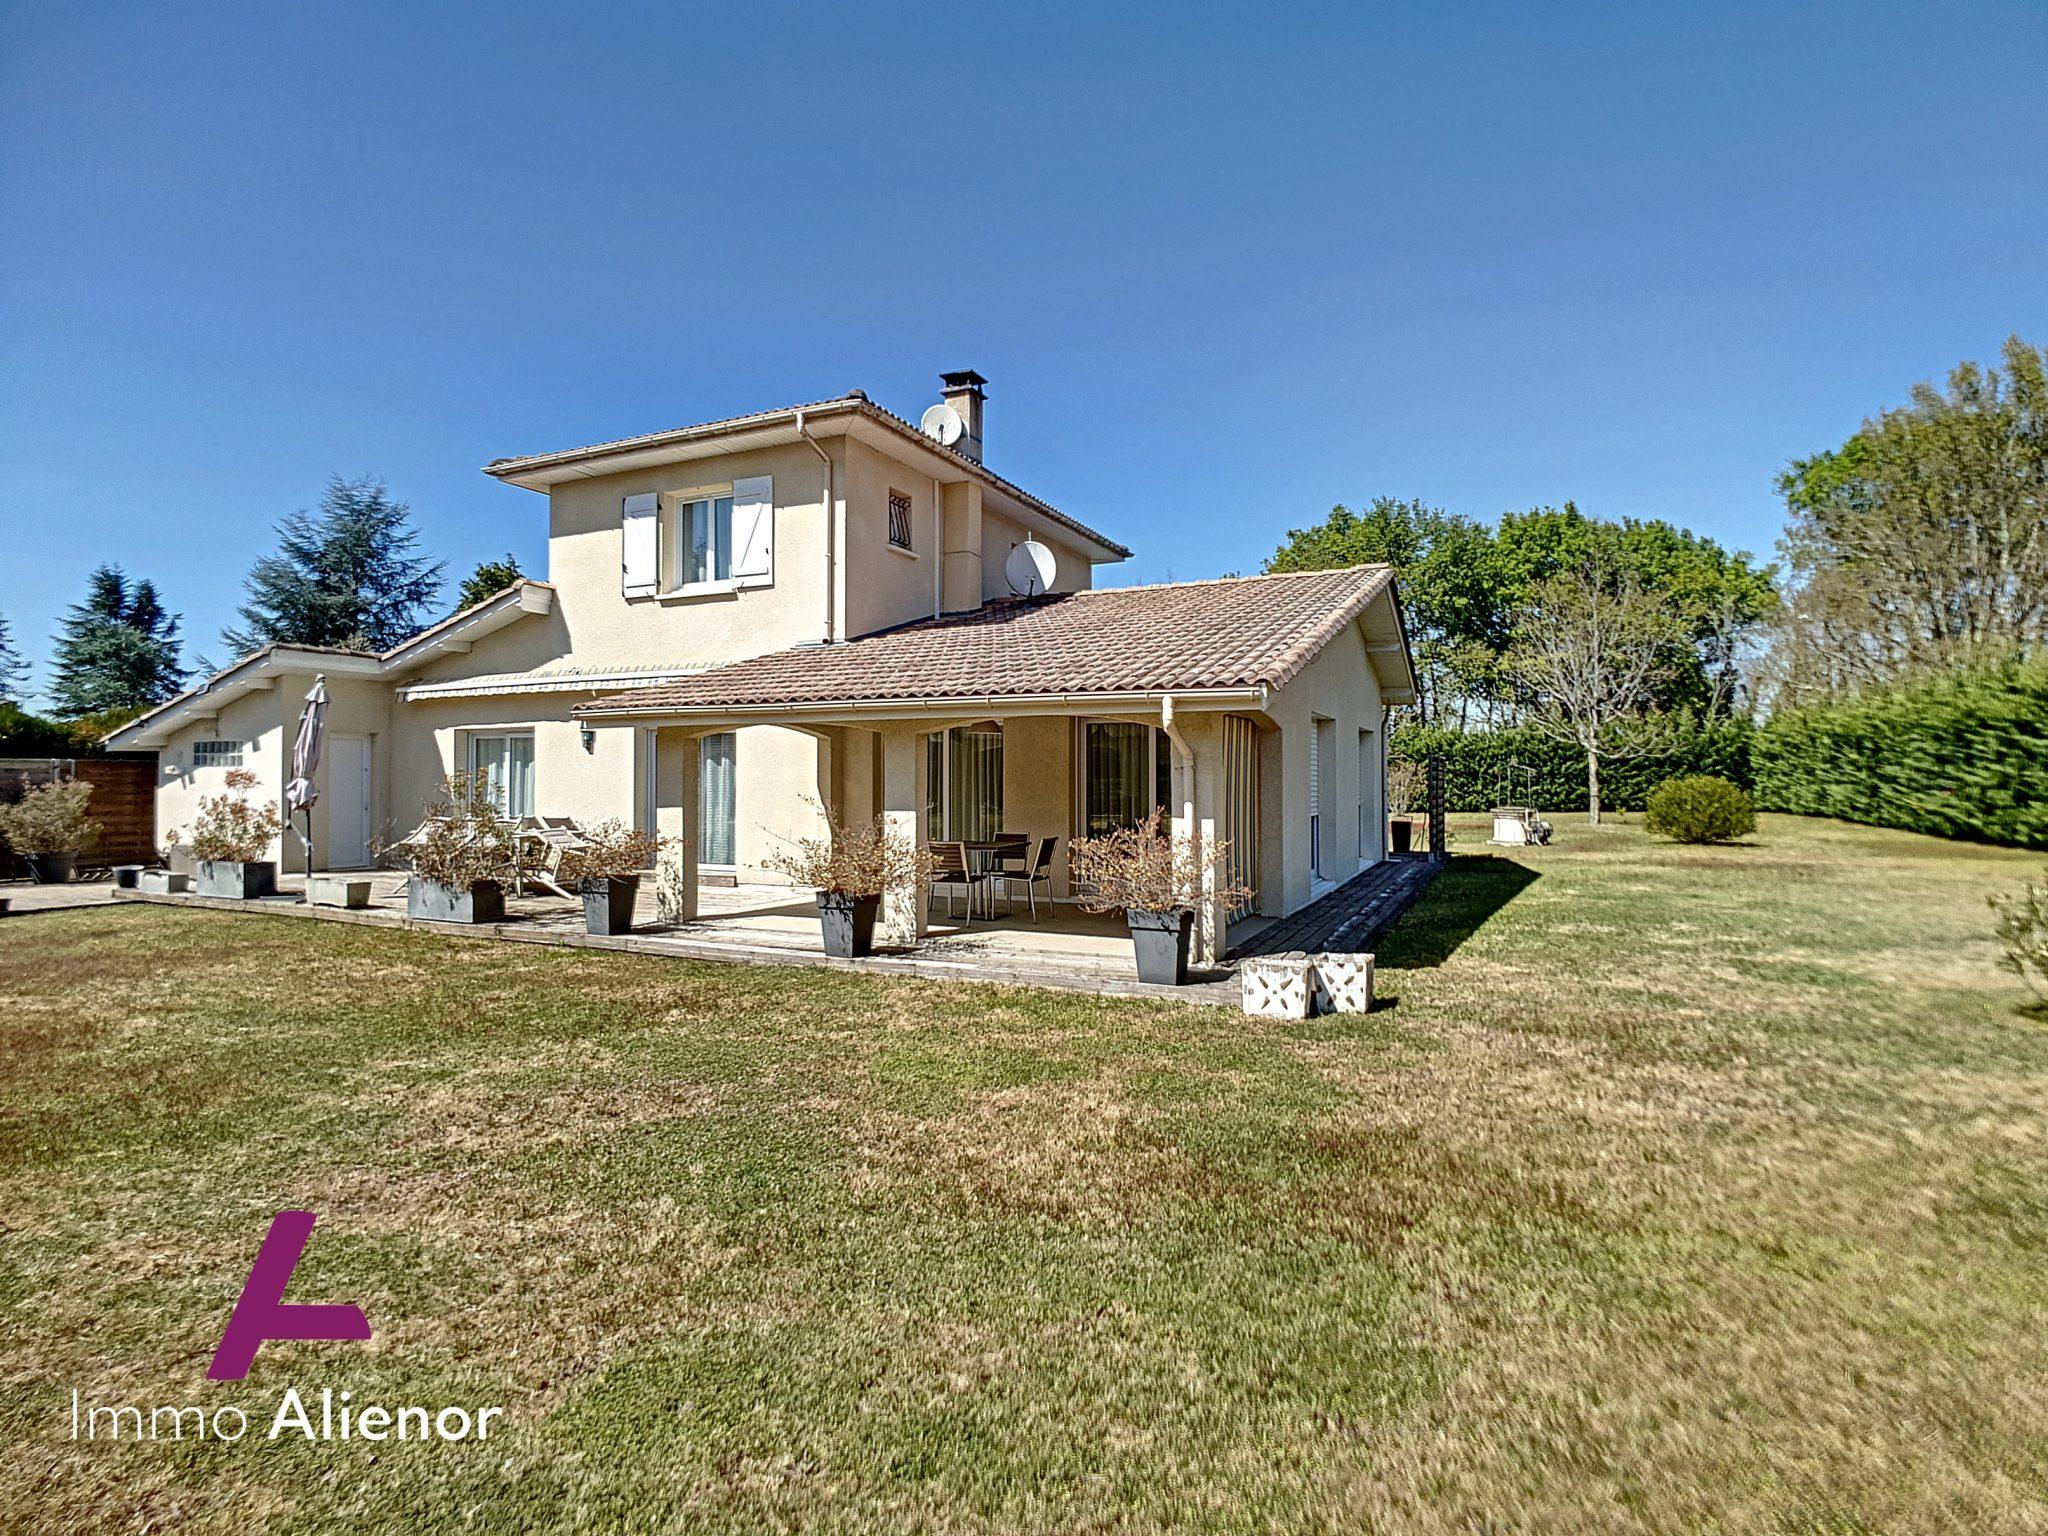 Maison 6 pièces de 141 m² à Belin-Béliet